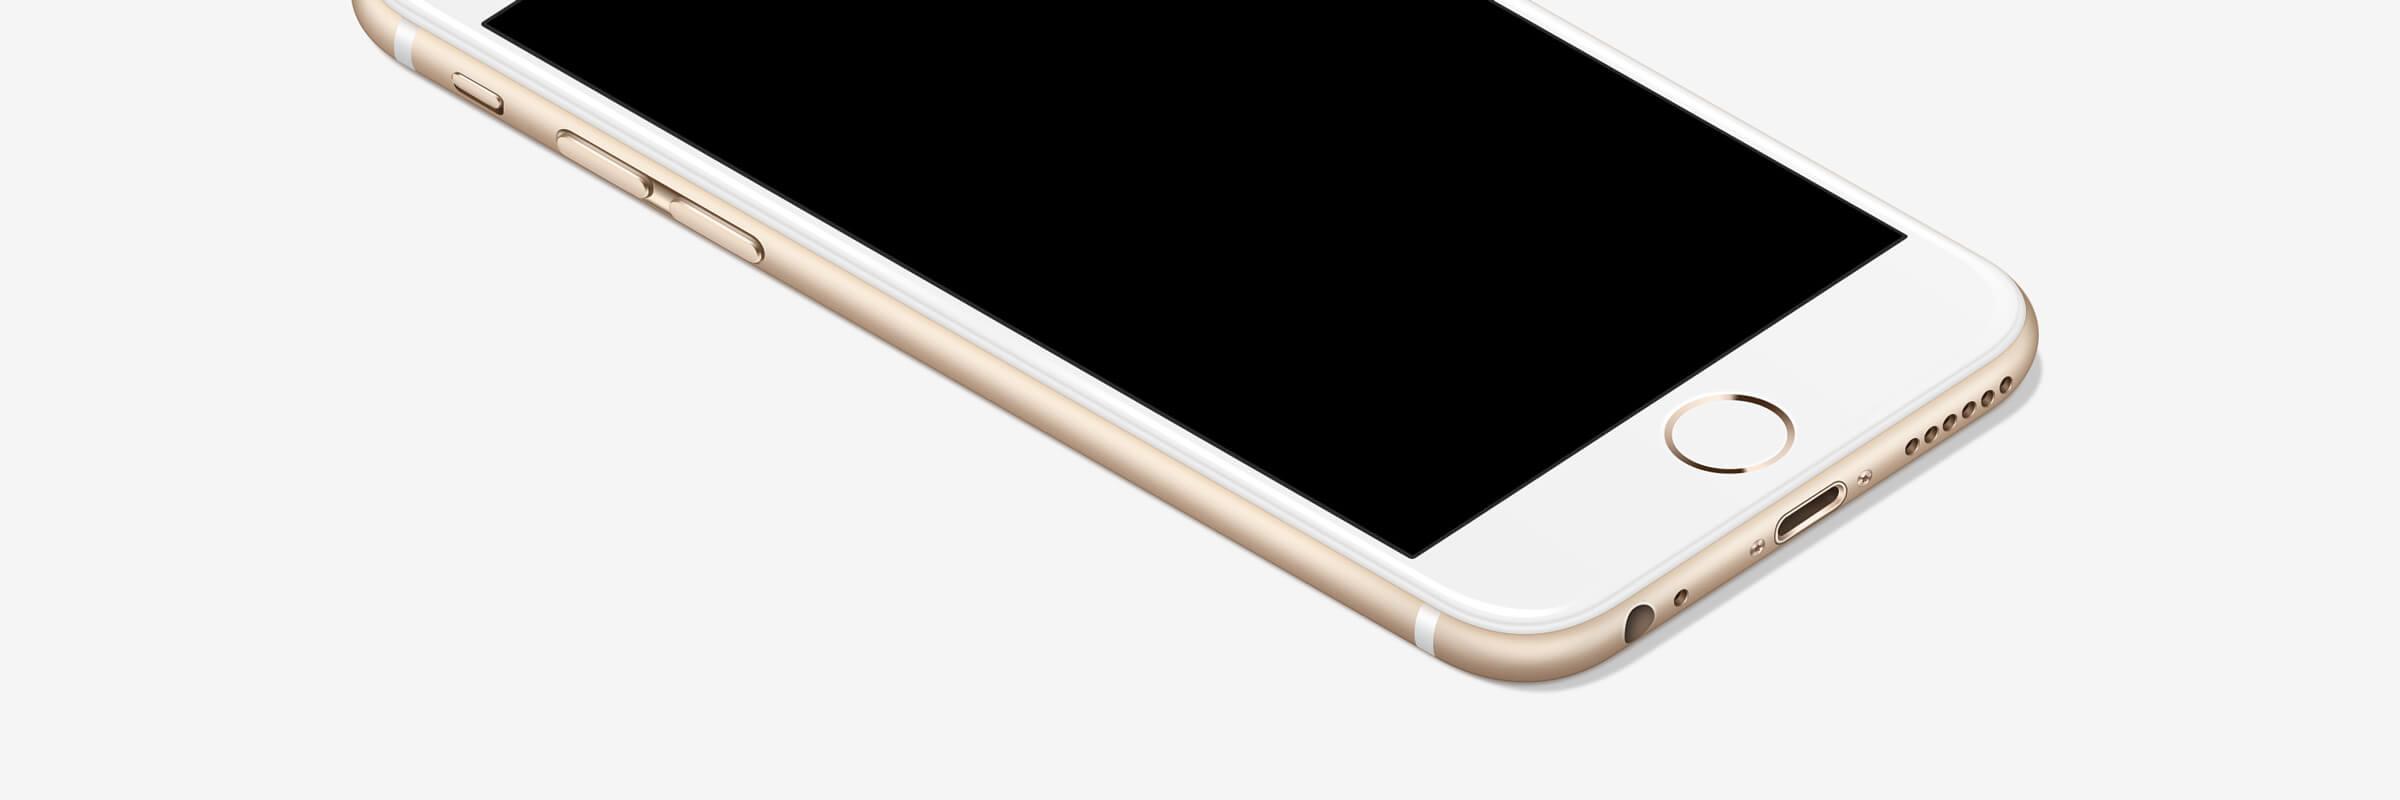 iphone neveikia ekranas